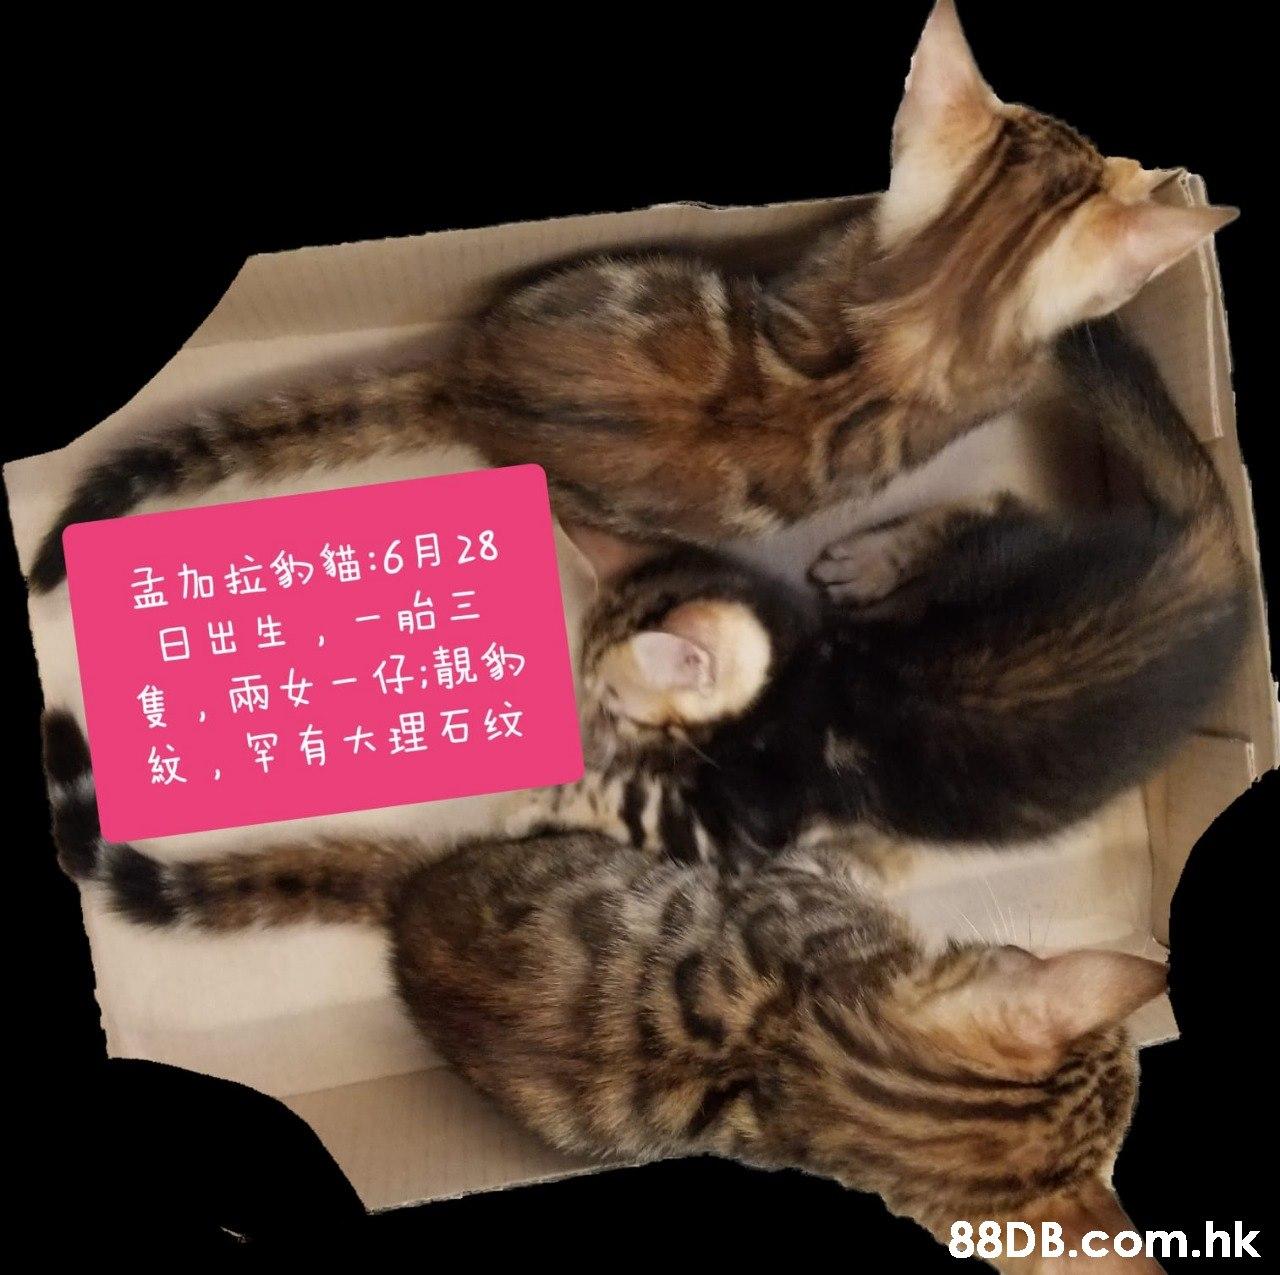 孟加拉豹貓:6月28 日出生,一胎三 隻,兩女-仔;靚動 紋,罕有大理石纹 .hk  Cat,Small to medium-sized cats,Felidae,European shorthair,Tabby cat